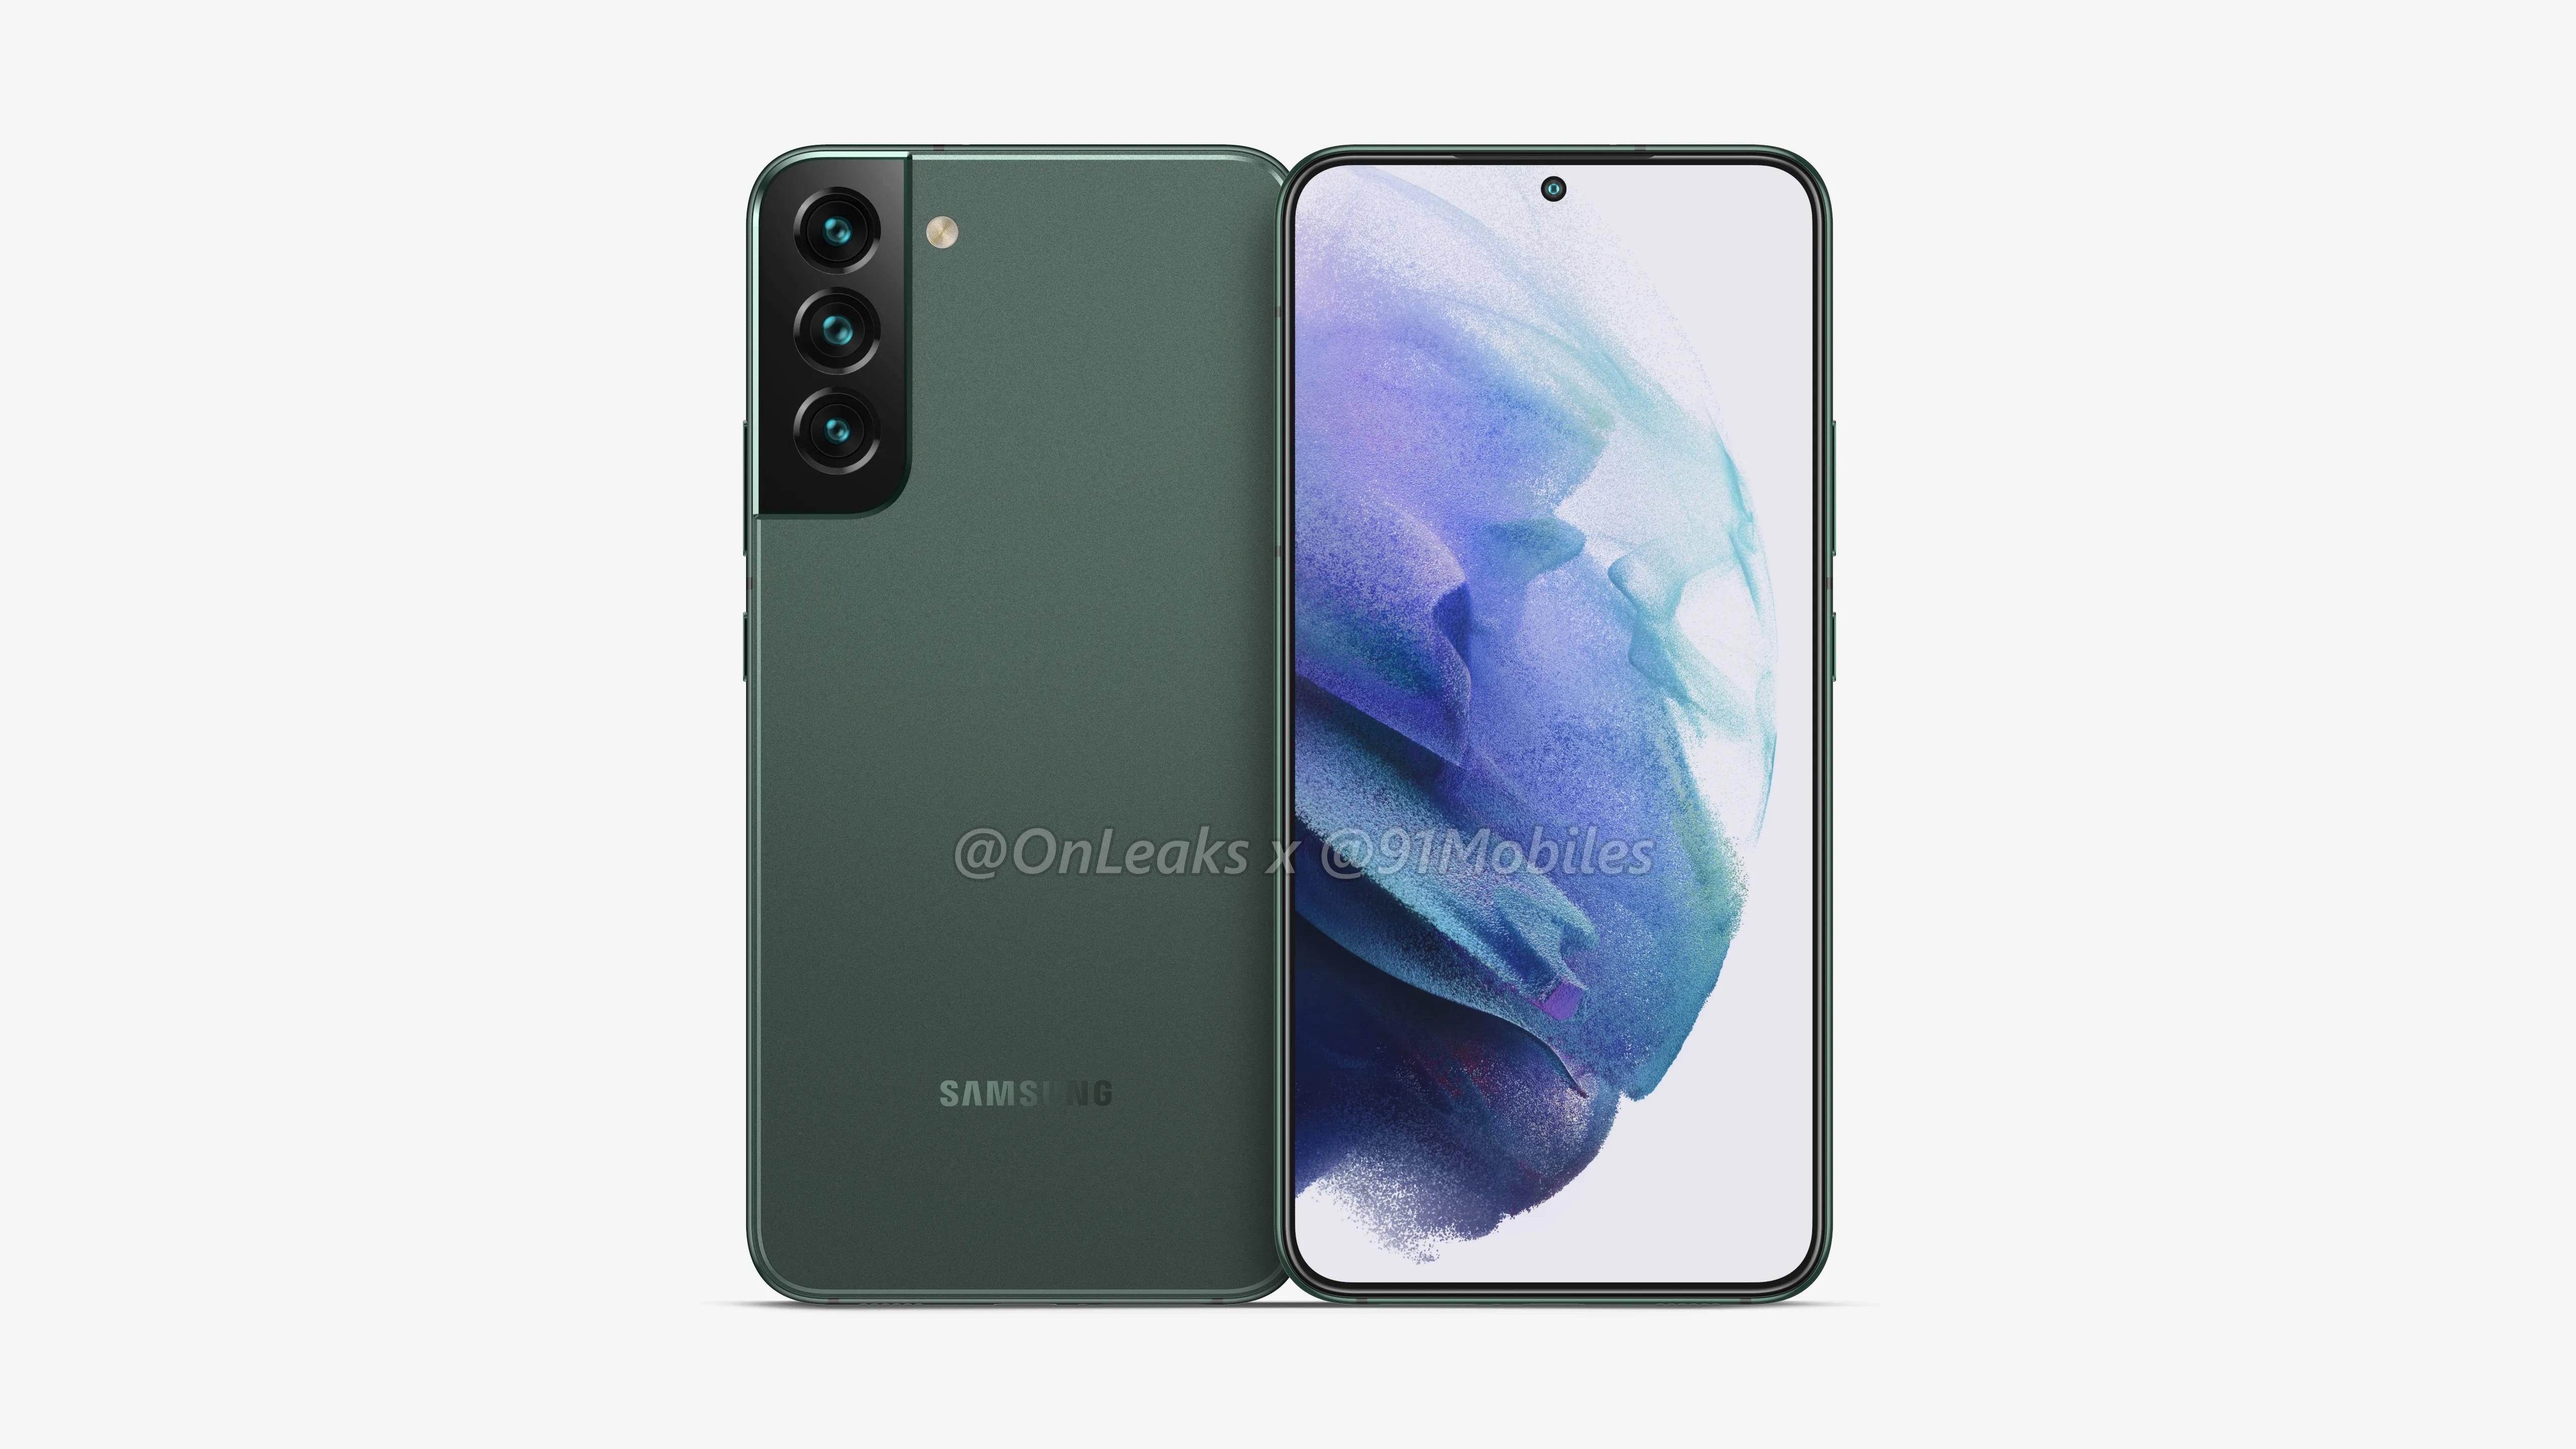 Samsung Galaxy S22 показали на рендерах: дизайн Galaxy S21, тройная камера и дырявый дисплей